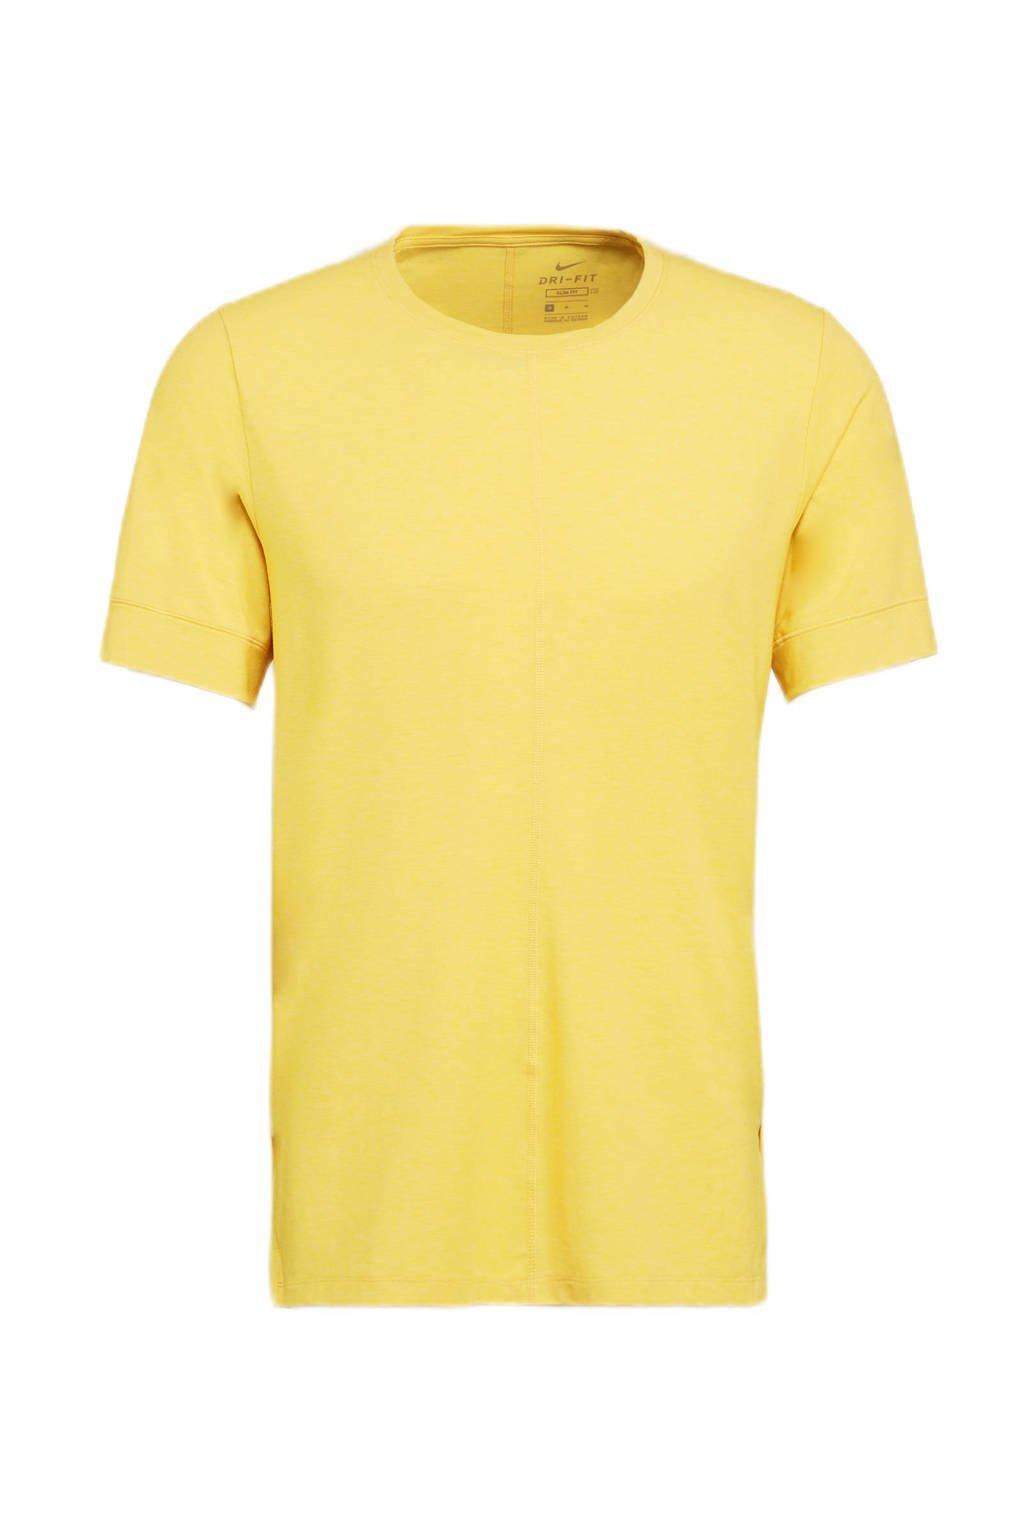 Nike   sport T-shirt geel, Geel